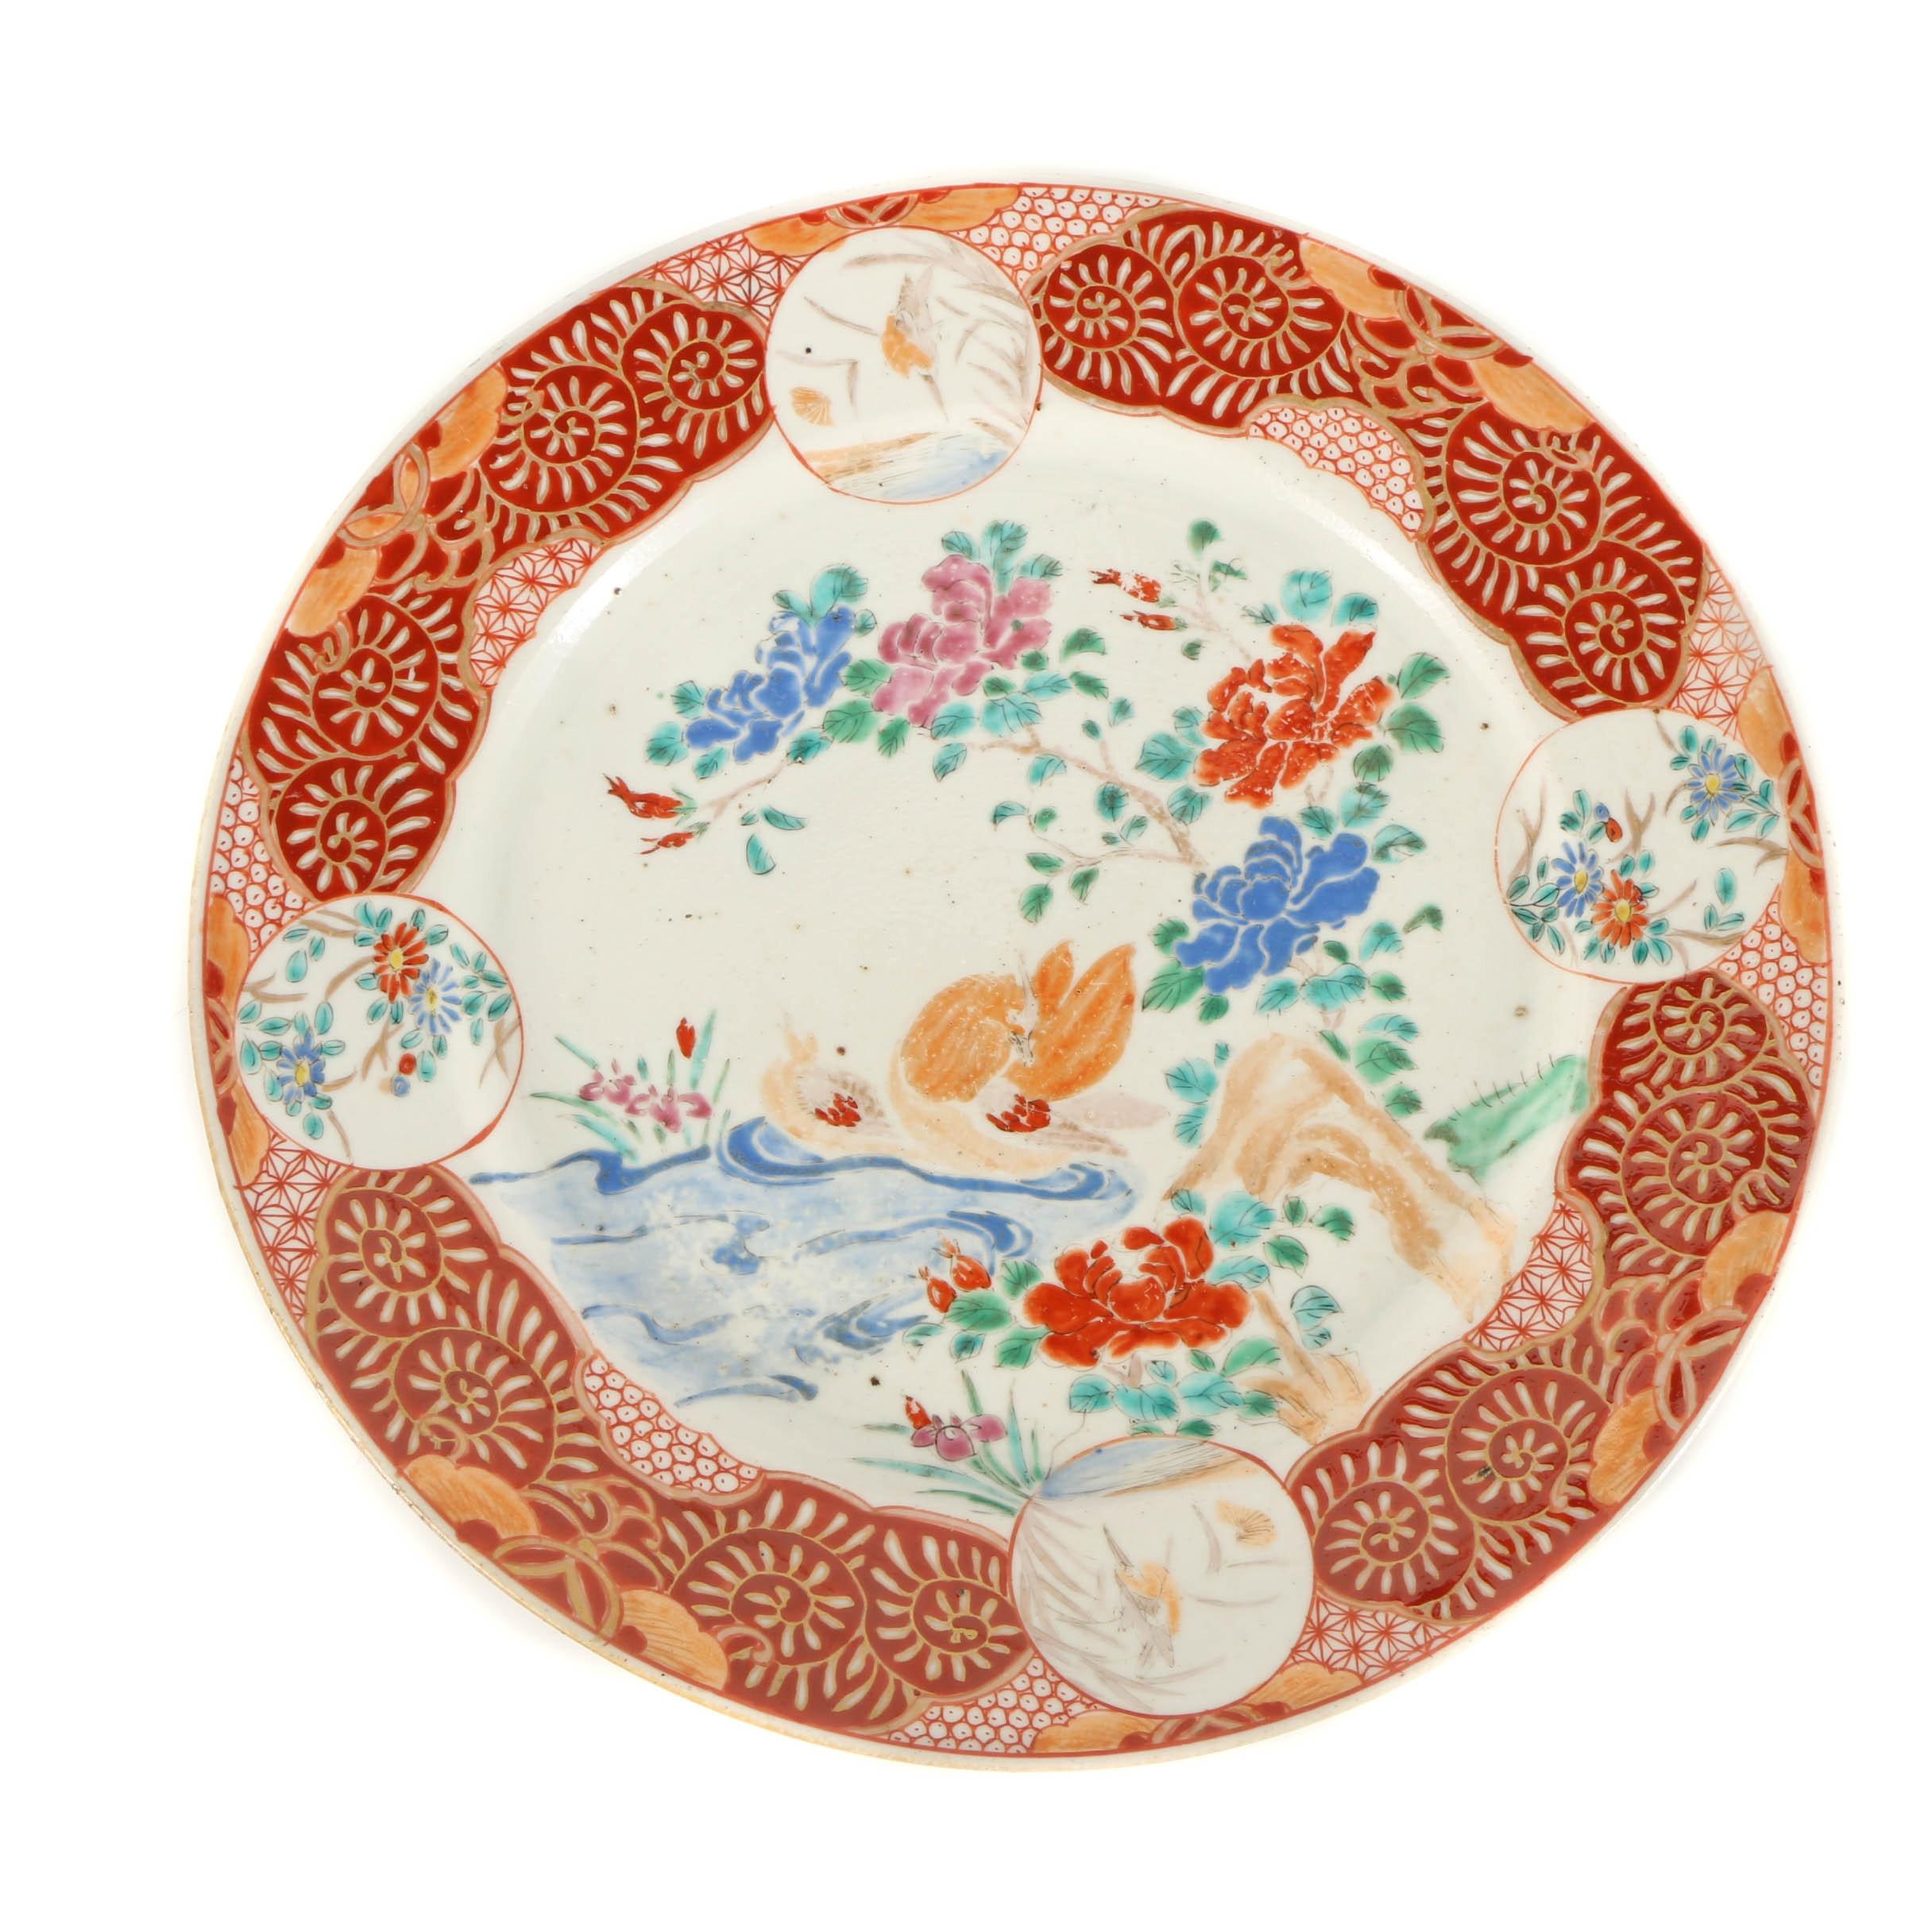 PRIORITY-Japanese Enameled Porcelain Decorative Dish